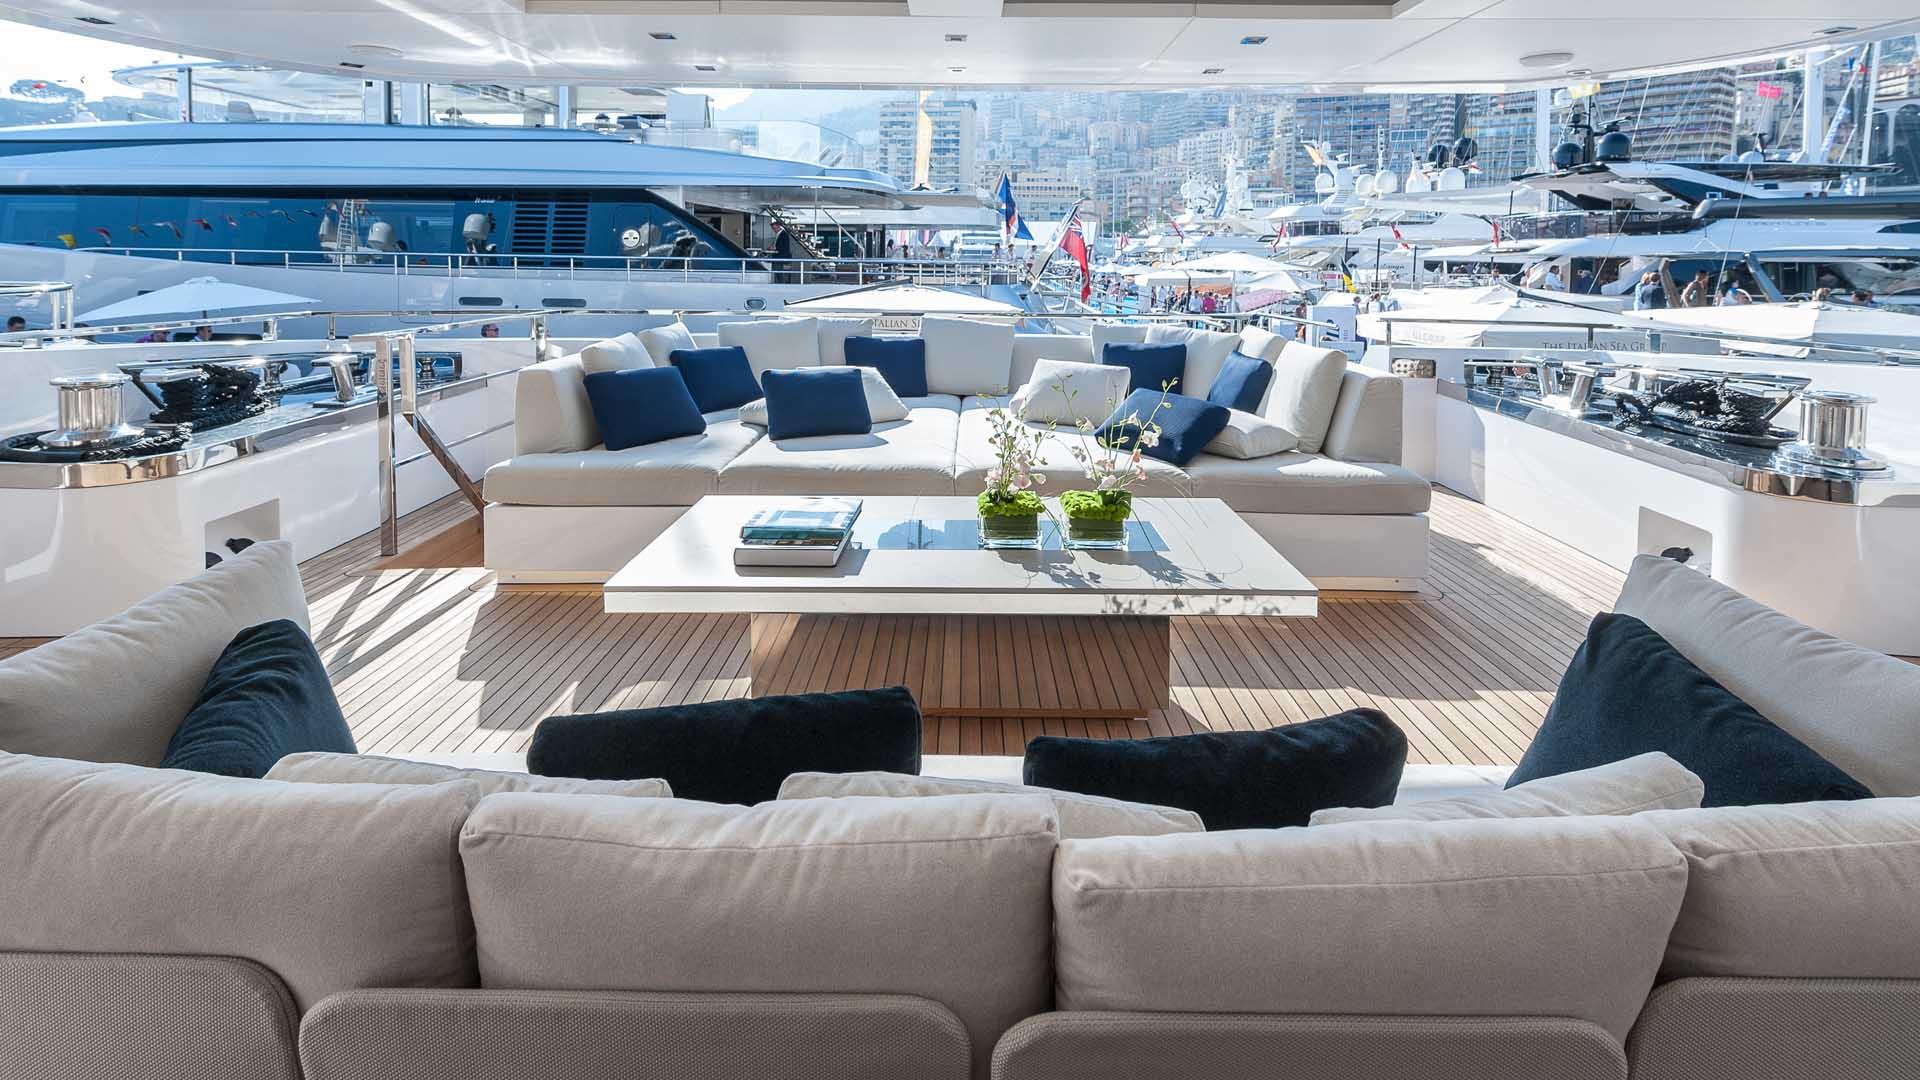 Yacht lusso yacht di lusso with yacht lusso yacht di for Interni di lusso